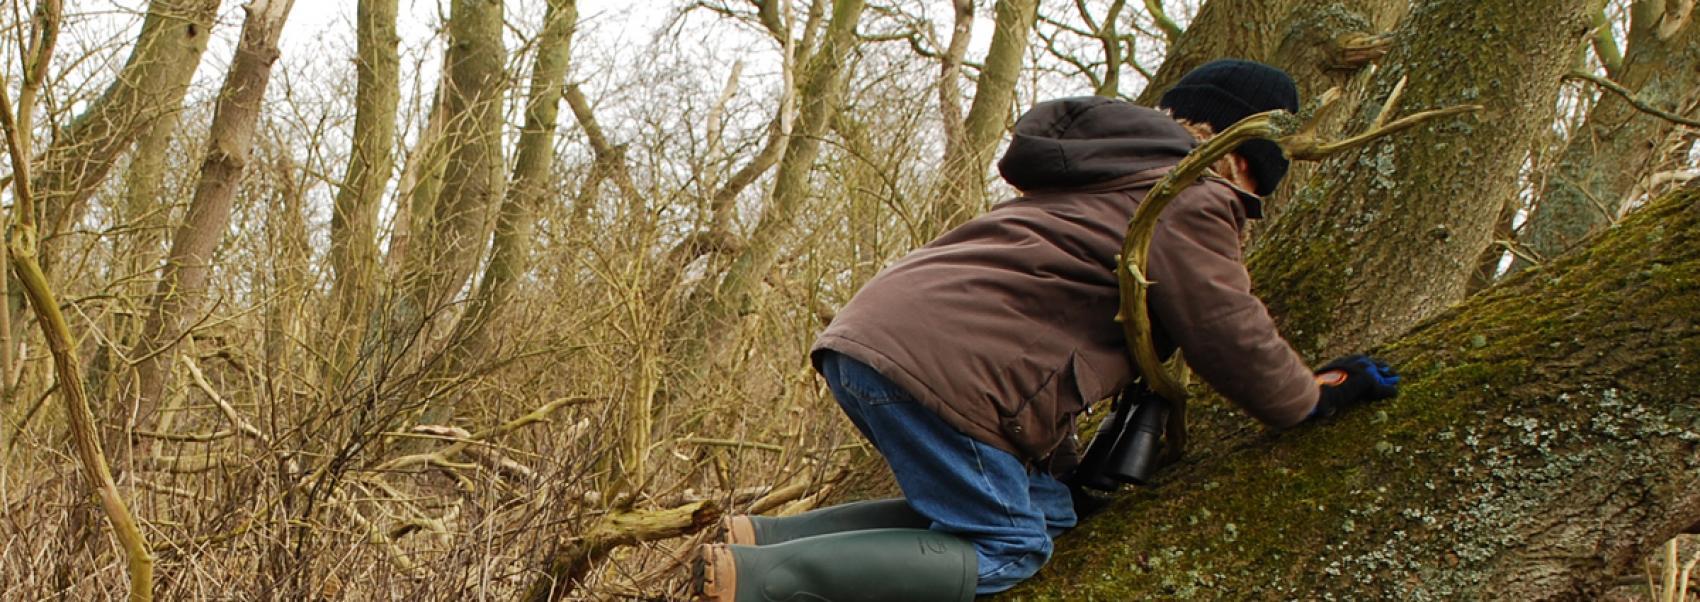 kind aan het klimmen op een boomstam